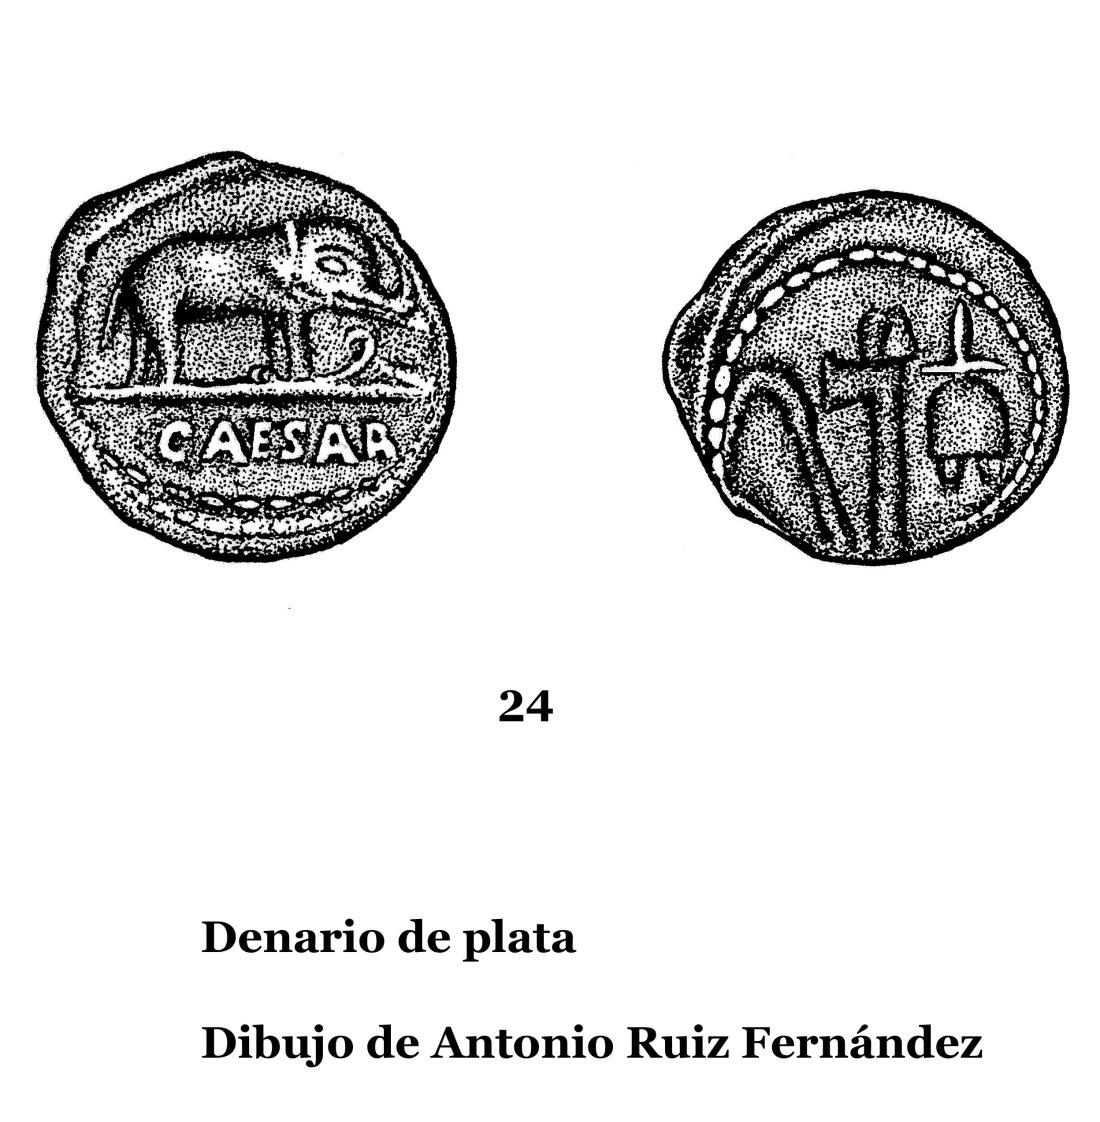 24Dibujos del Tesorillo de denarios 24 copia